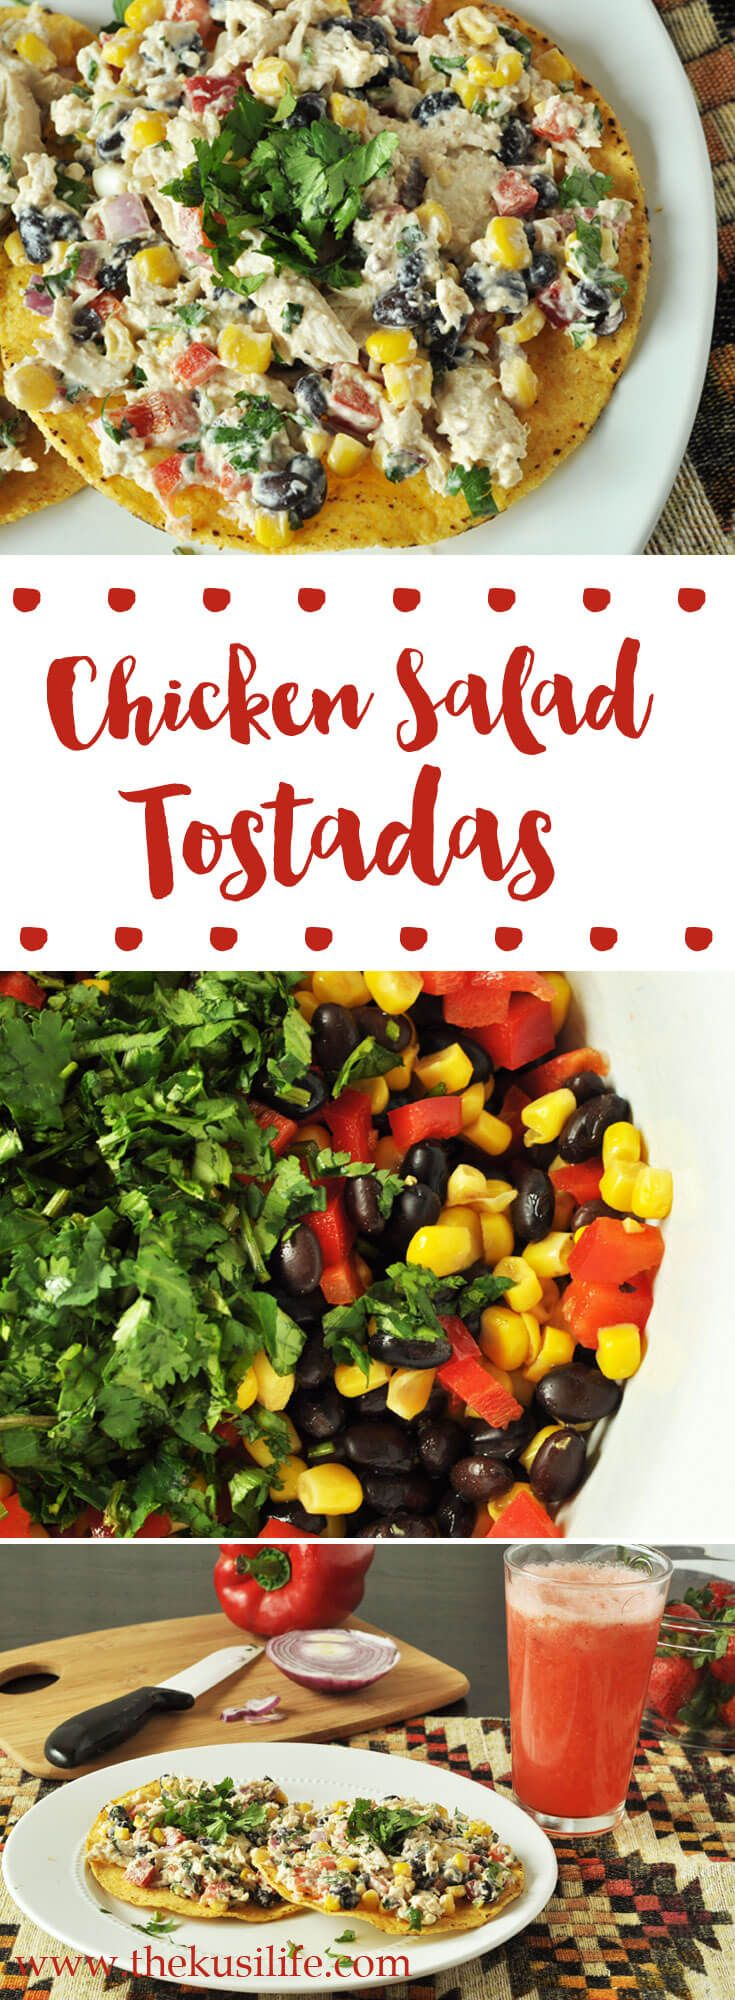 Chicken Salad Tostadas - www.thekusilife.com